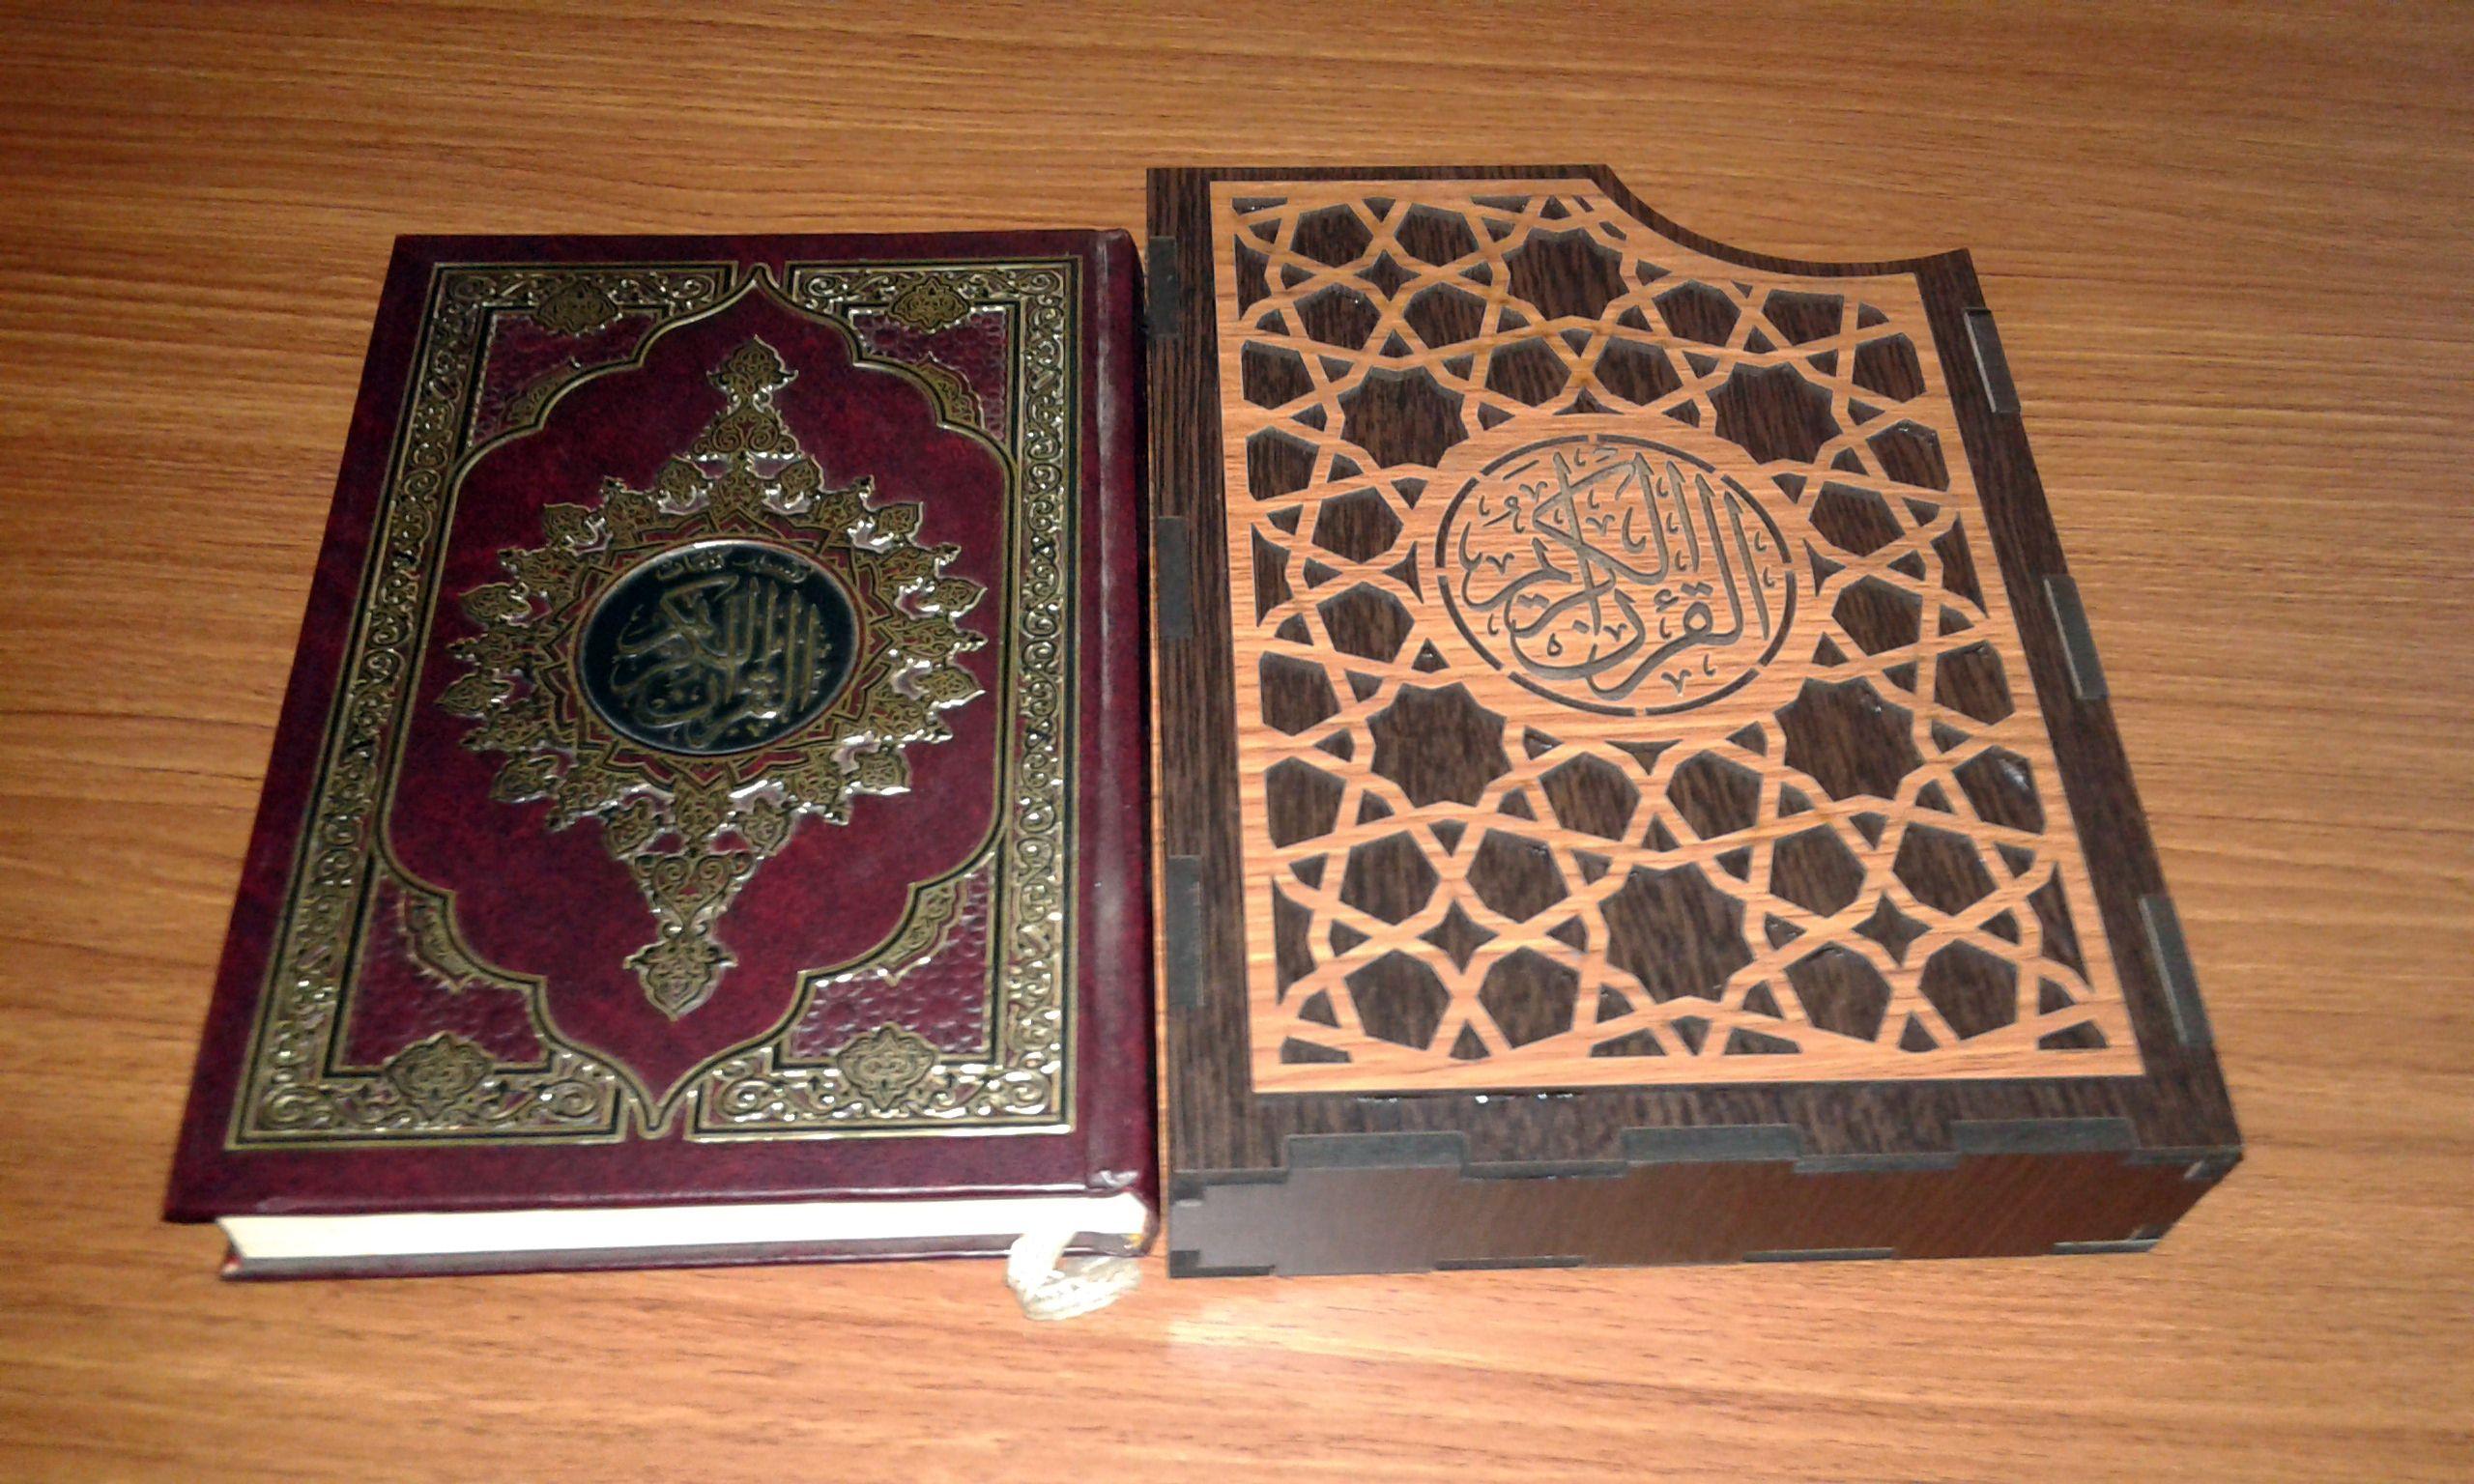 بيت حافظة القرآن الكريم ارابيسك Projects To Try Carving Decorative Tray